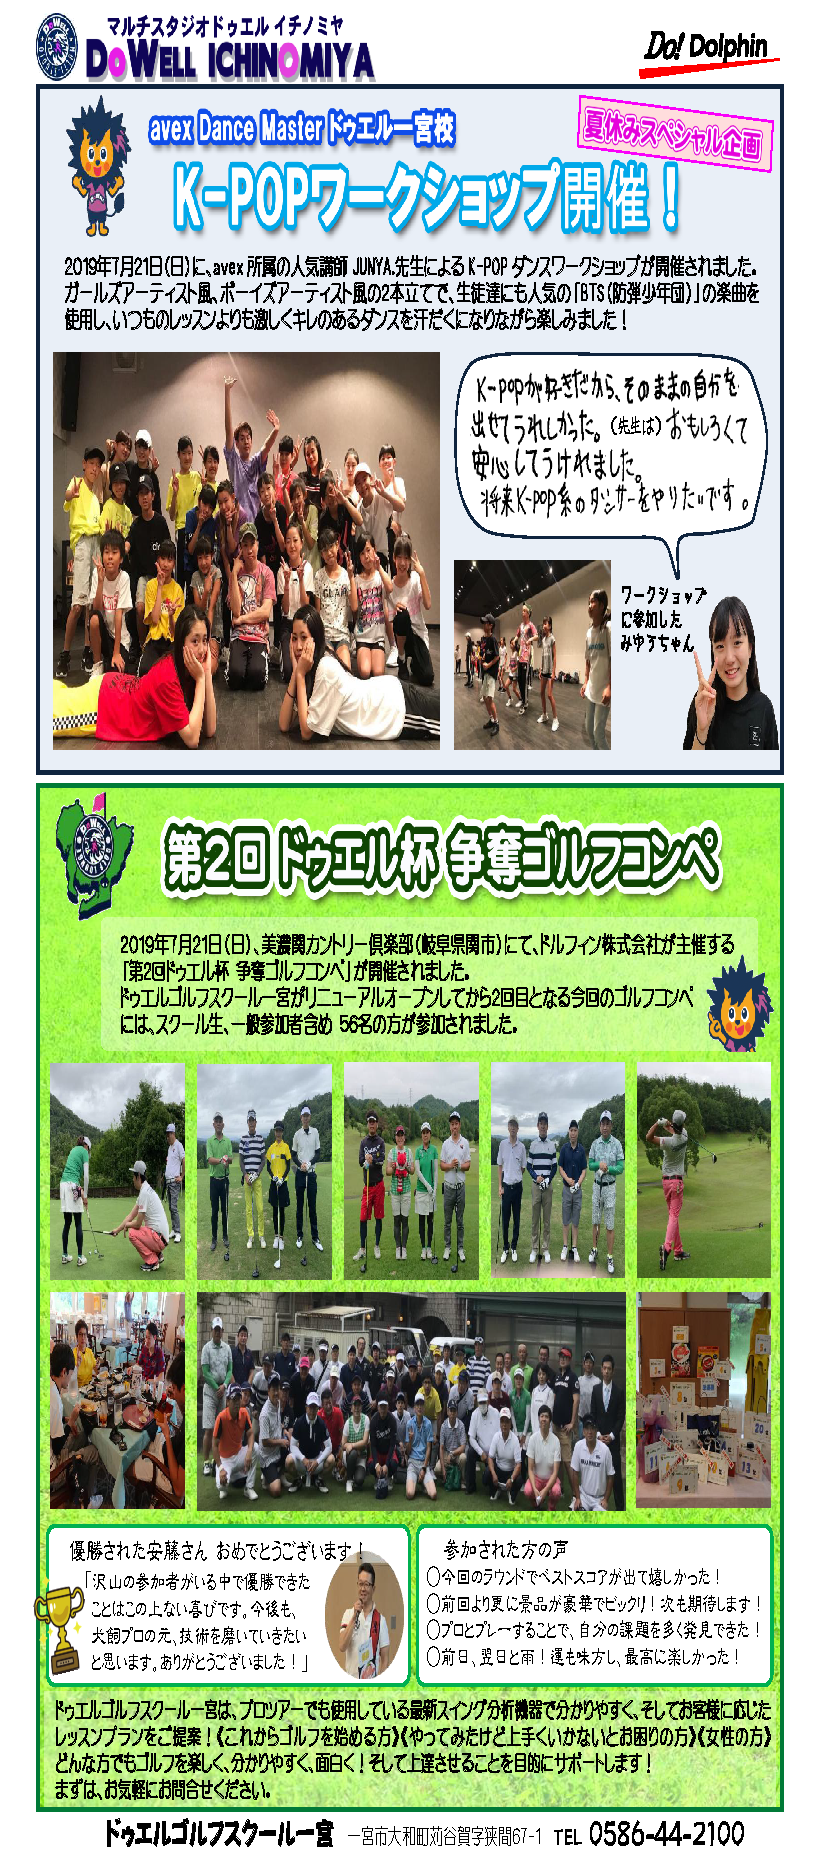 ドルフィン広報誌9月号校了_ページ_3